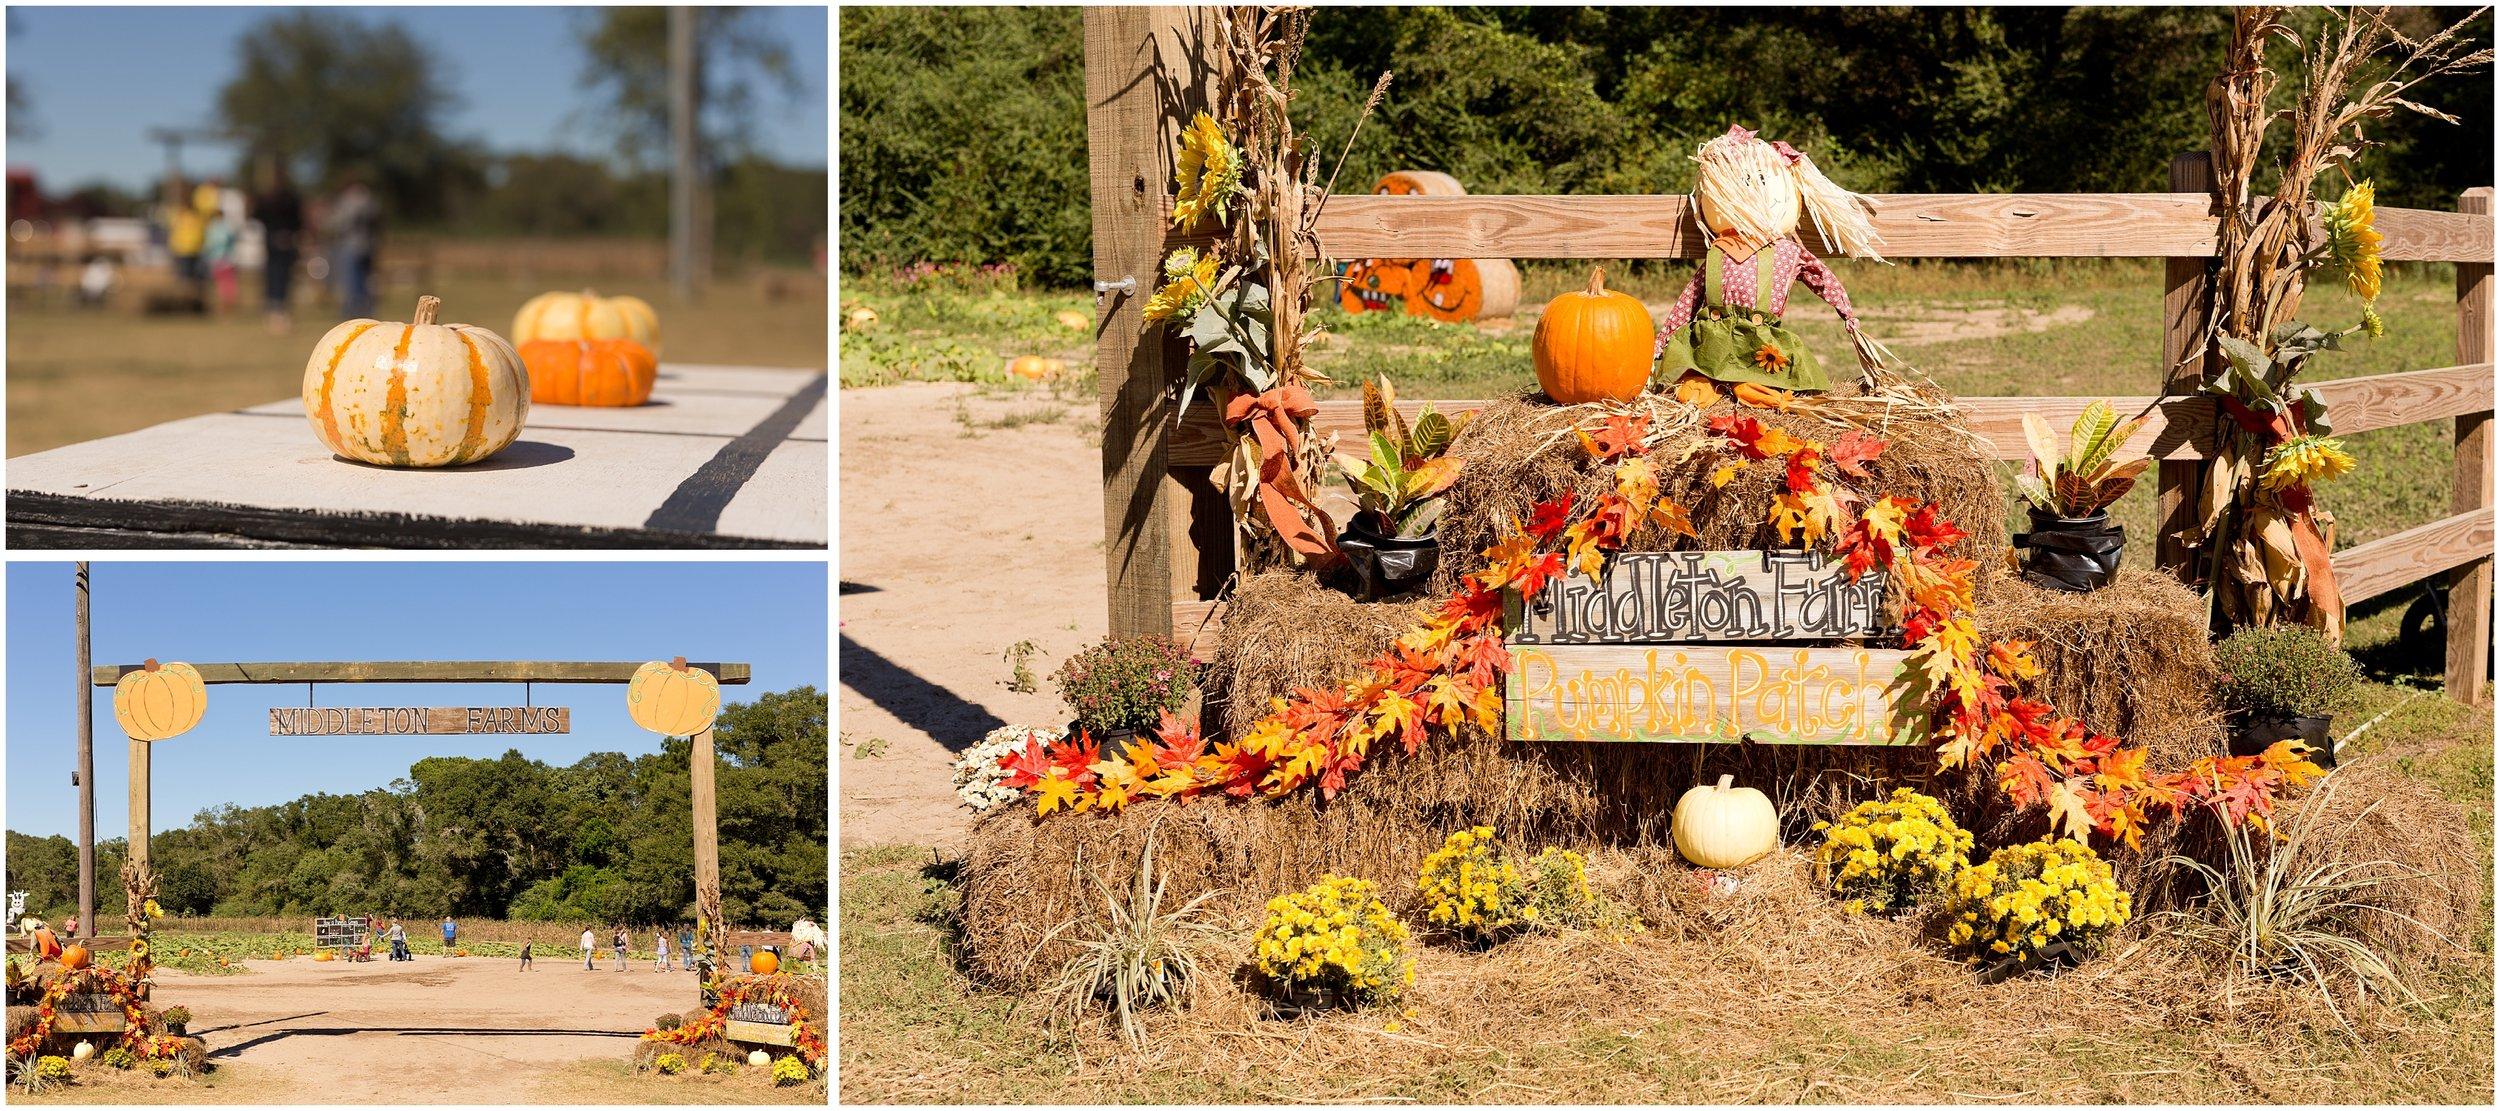 Middleton Farms pumpkin patch